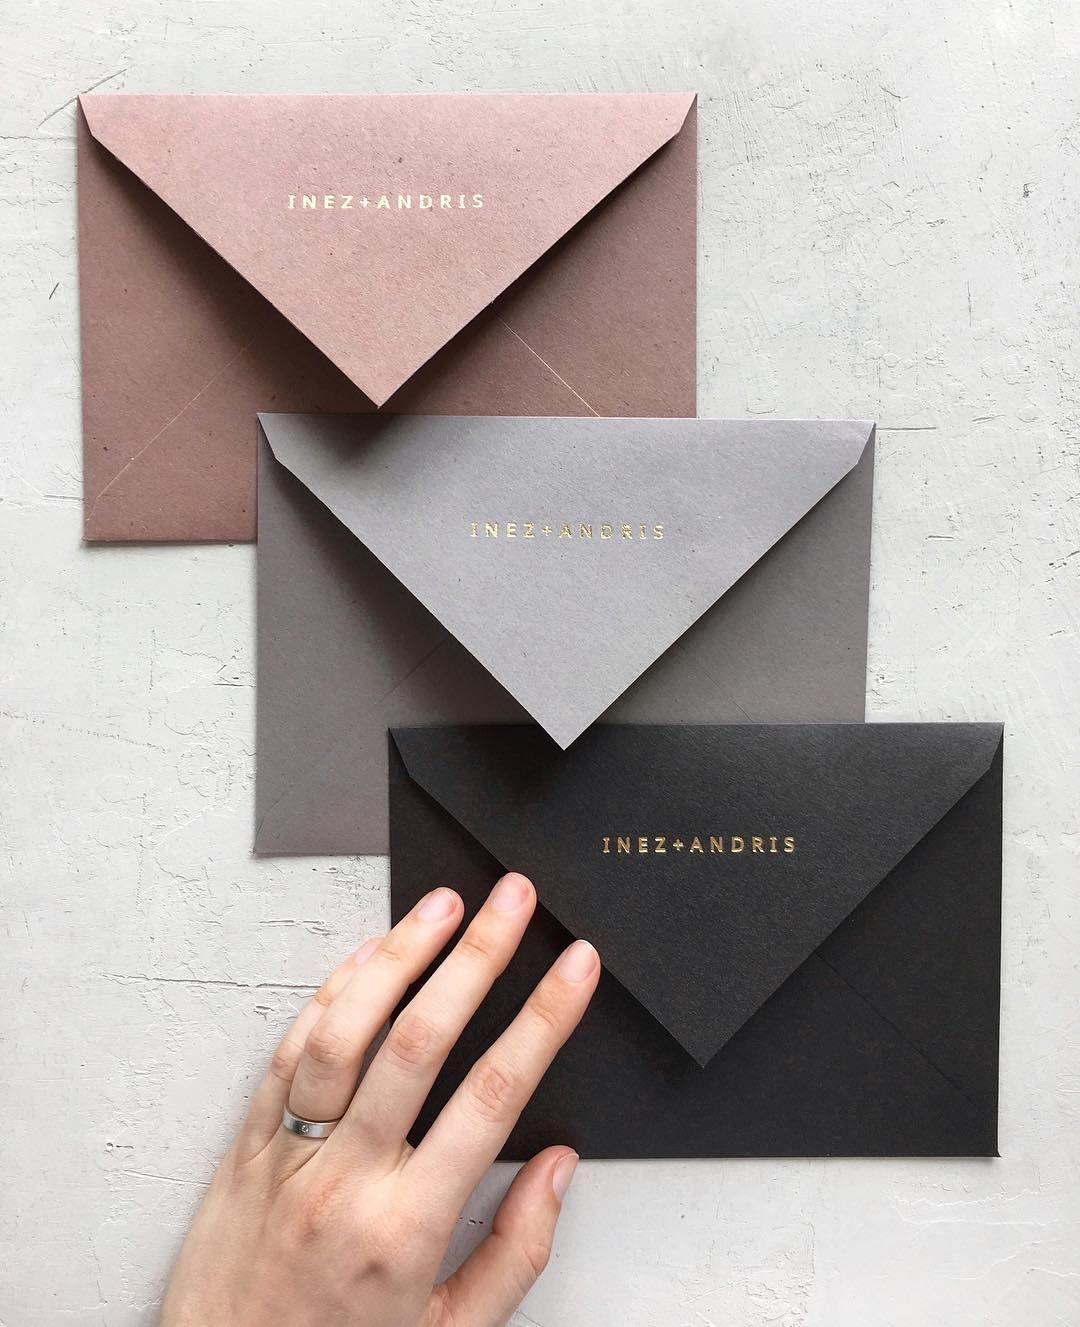 Hot Stamped Gold Foil Names On Our Handmade Envelopes Plicuri Handmade Cu Folio Auriu C Papira Invitatii De Handmade Envelopes Envelope Business Card Design